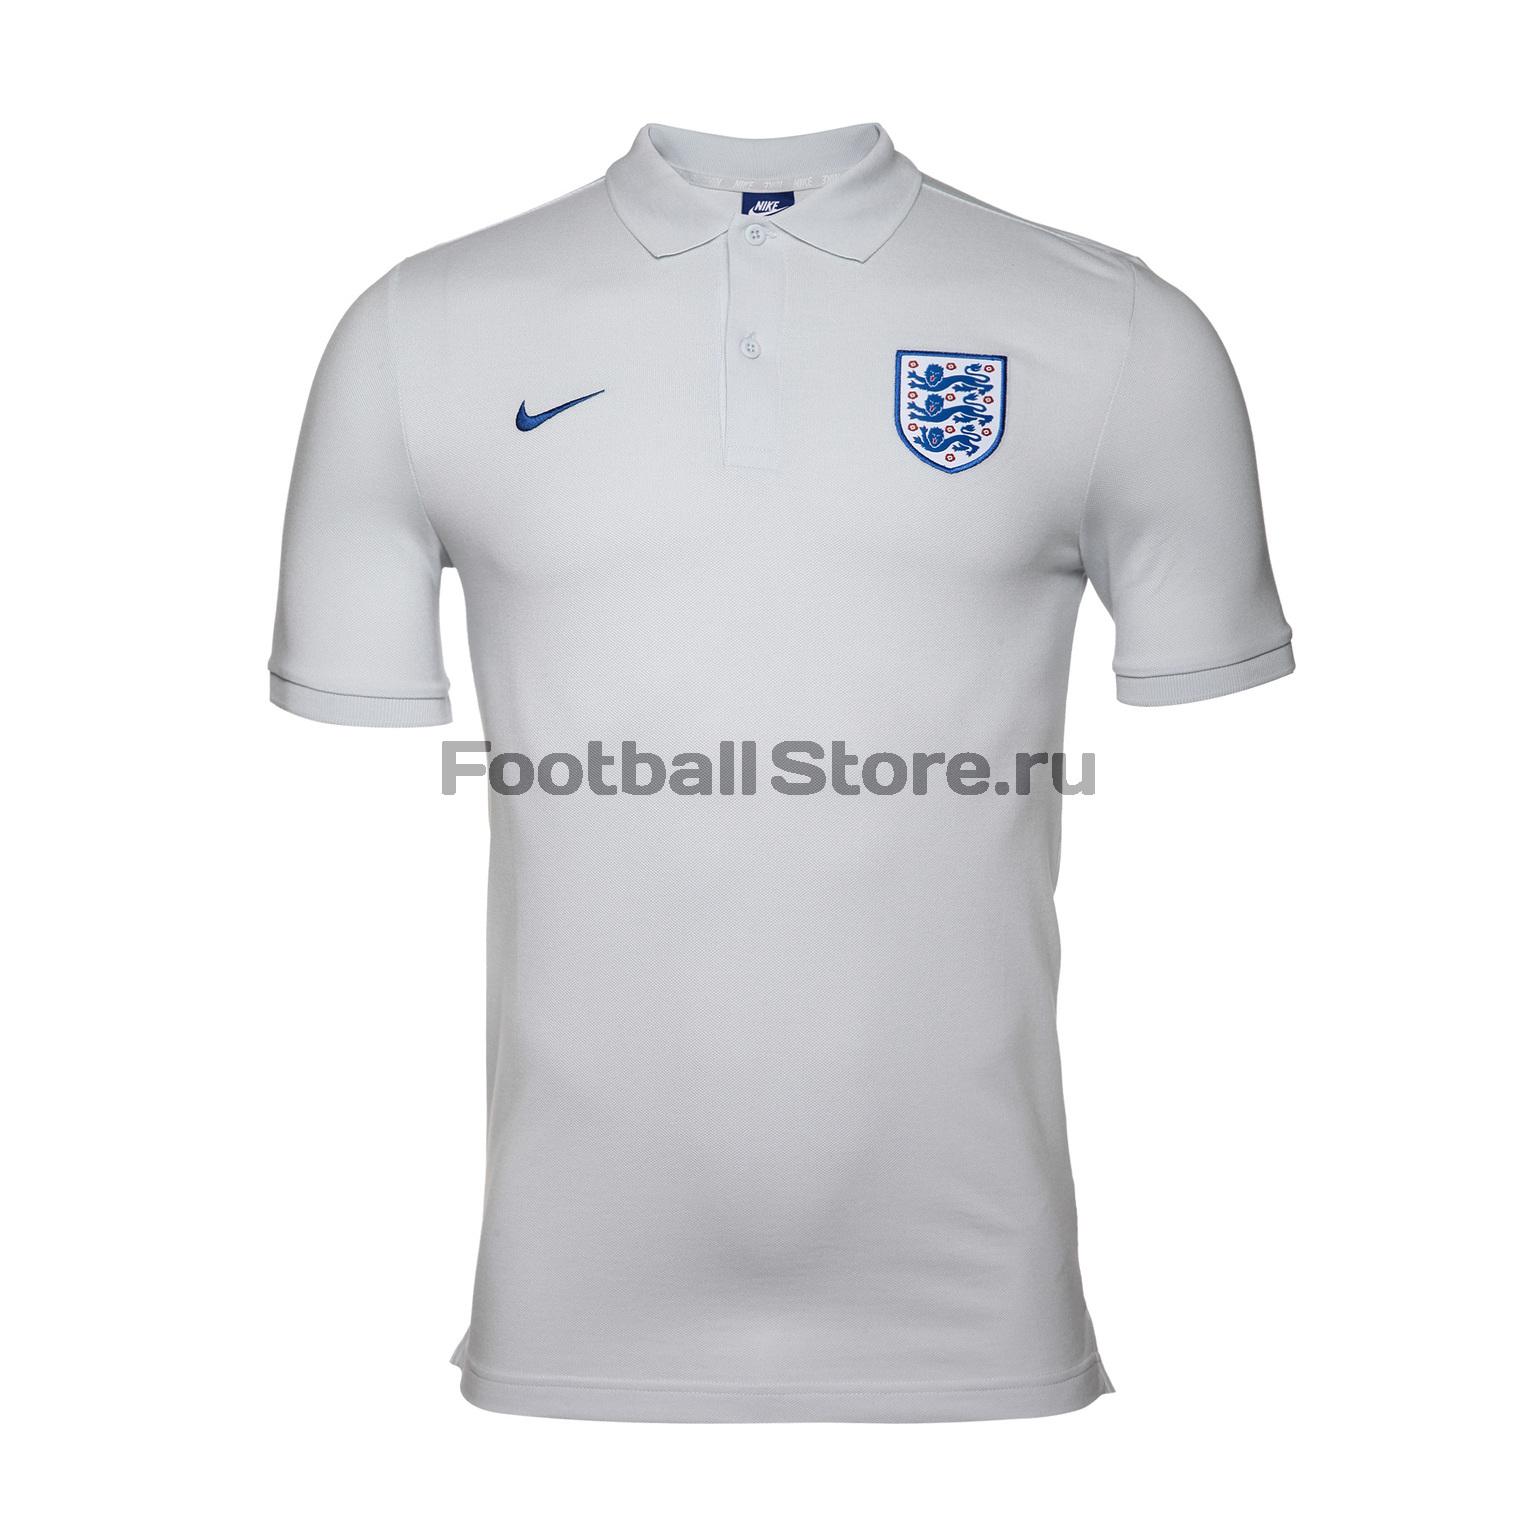 Поло Nike сборной Англии 891478-043